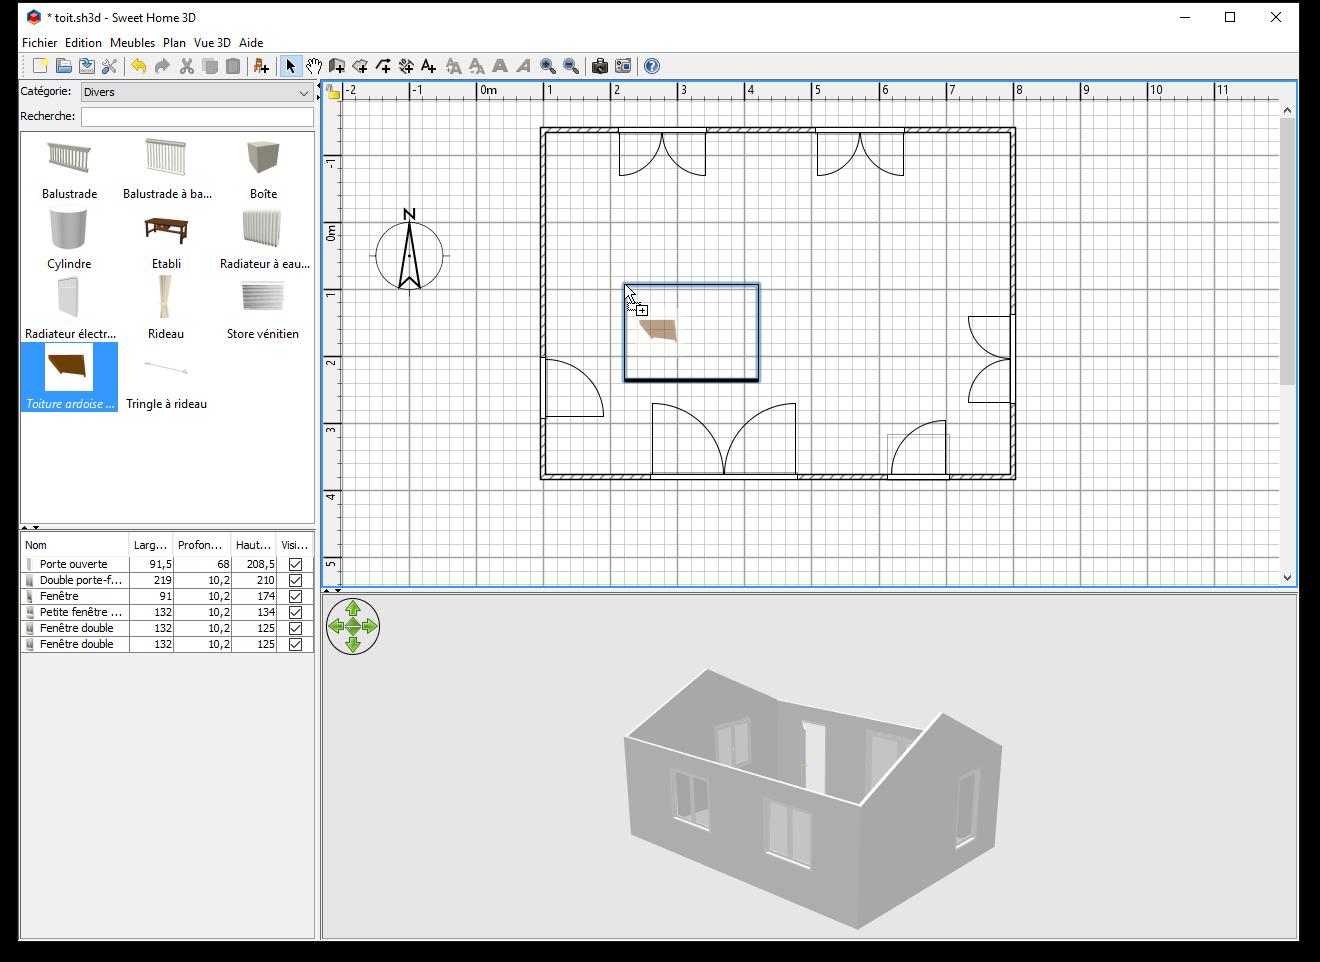 Comment ajouter un toit dans sweet home 3d for Dessins de plan de maison